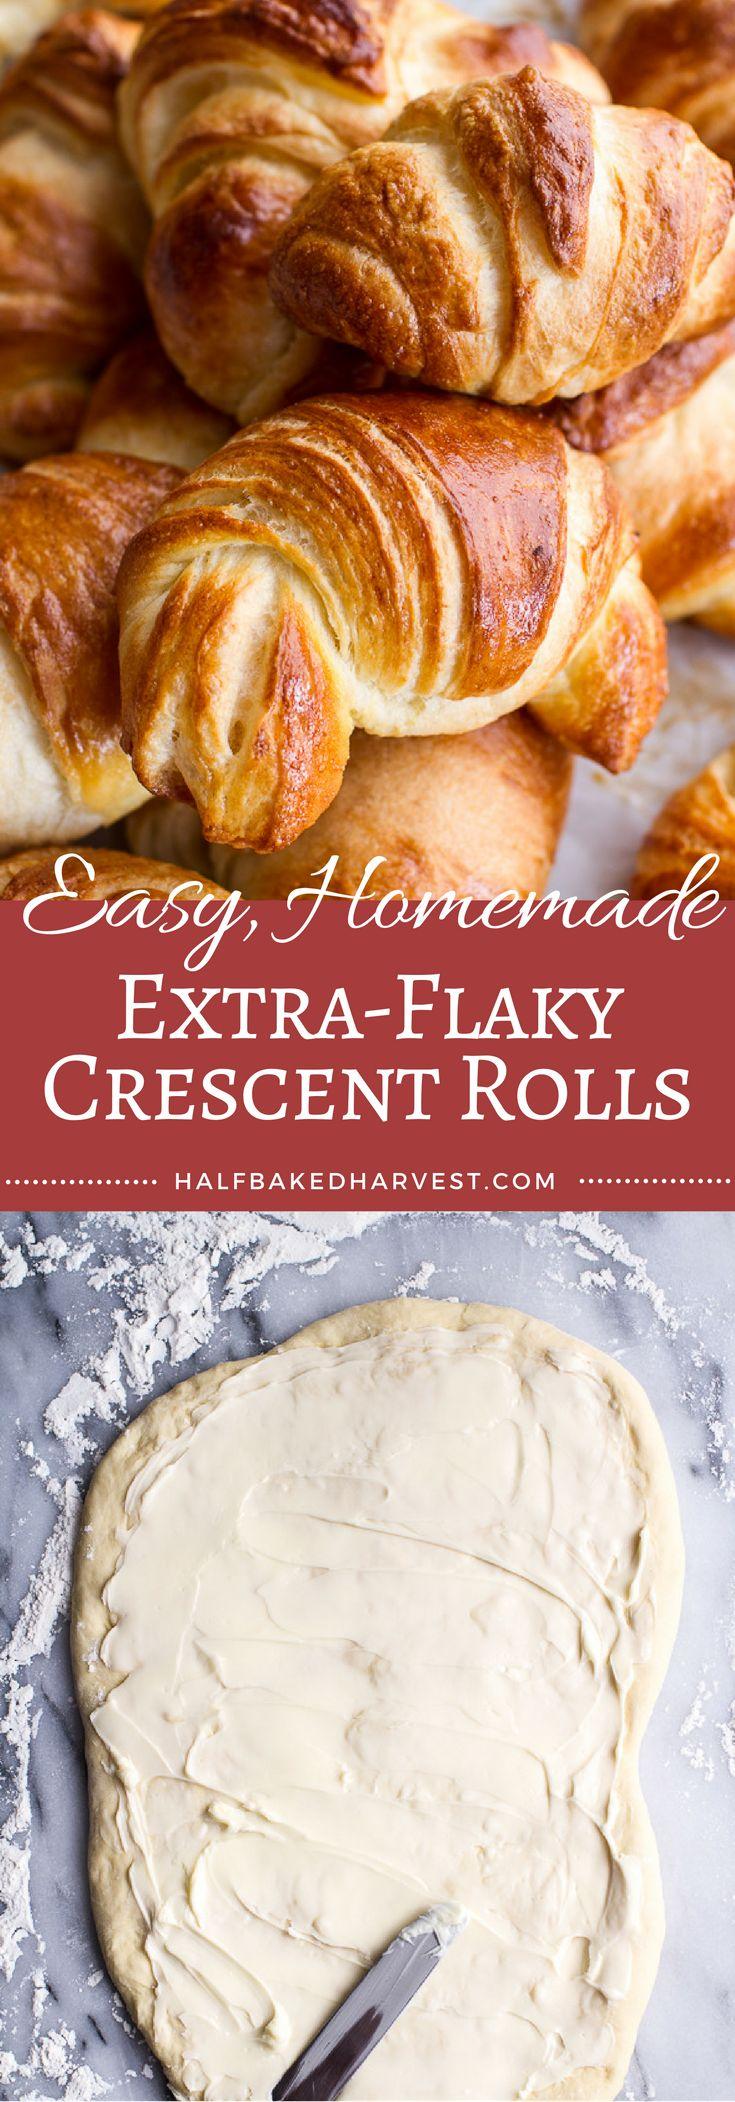 Easy Homemade Extra-Flaky Crescent Rolls | halfbakedharvest.com @hbharvest